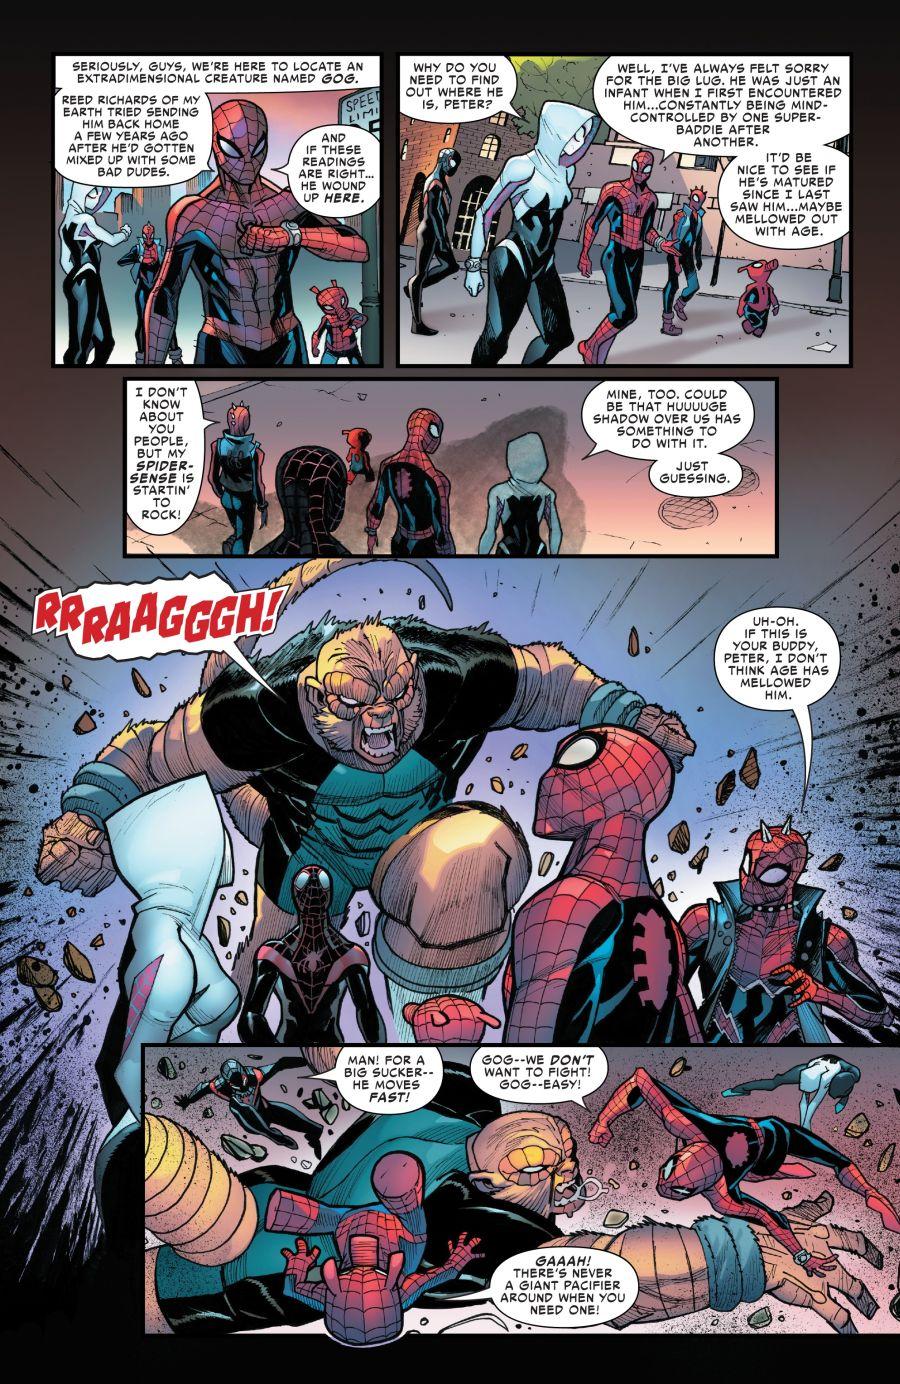 Spider-Man: Enter the Spider-Verse